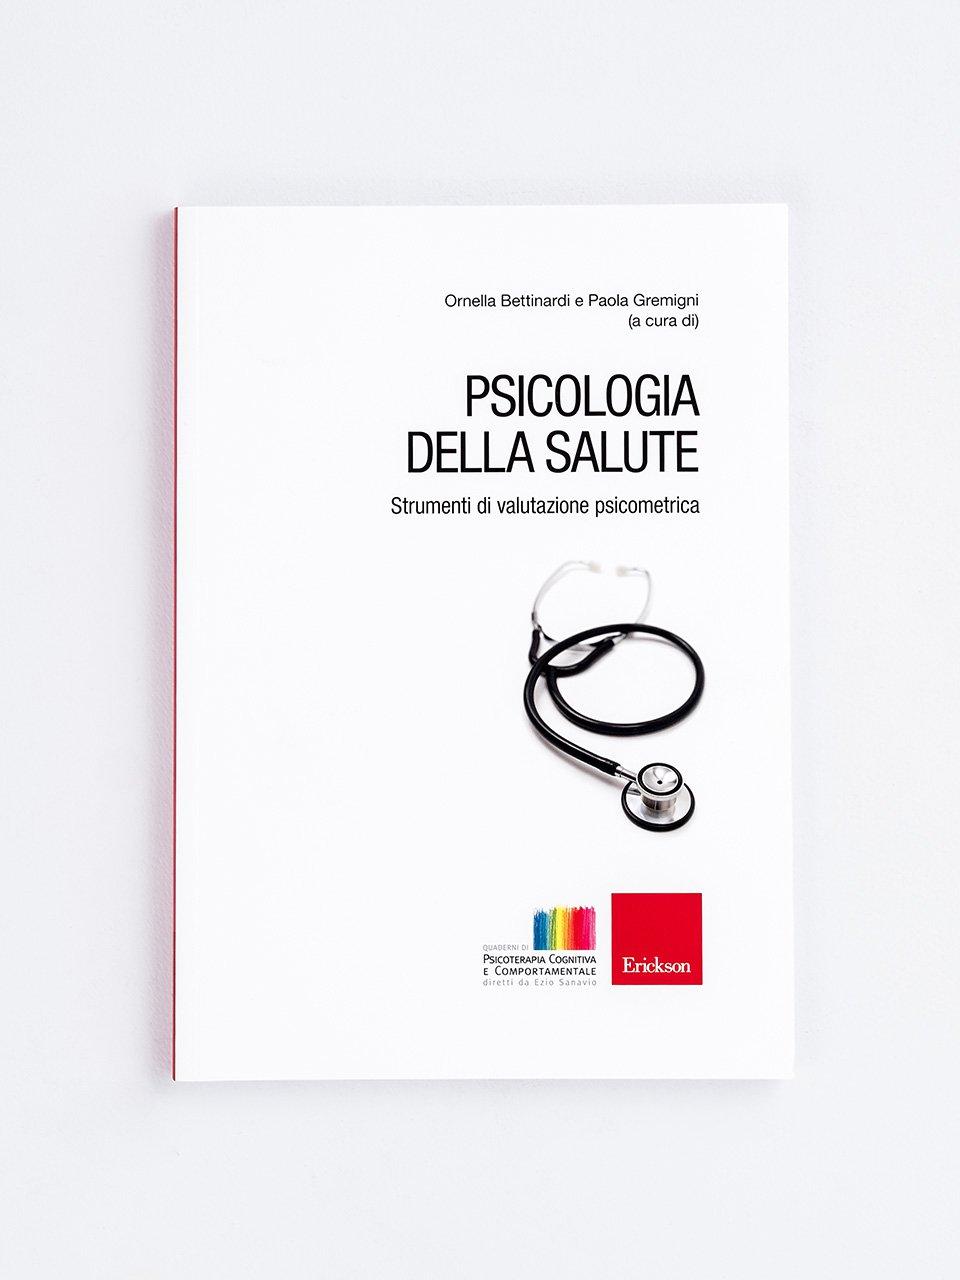 Psicologia della salute - Libri - Erickson